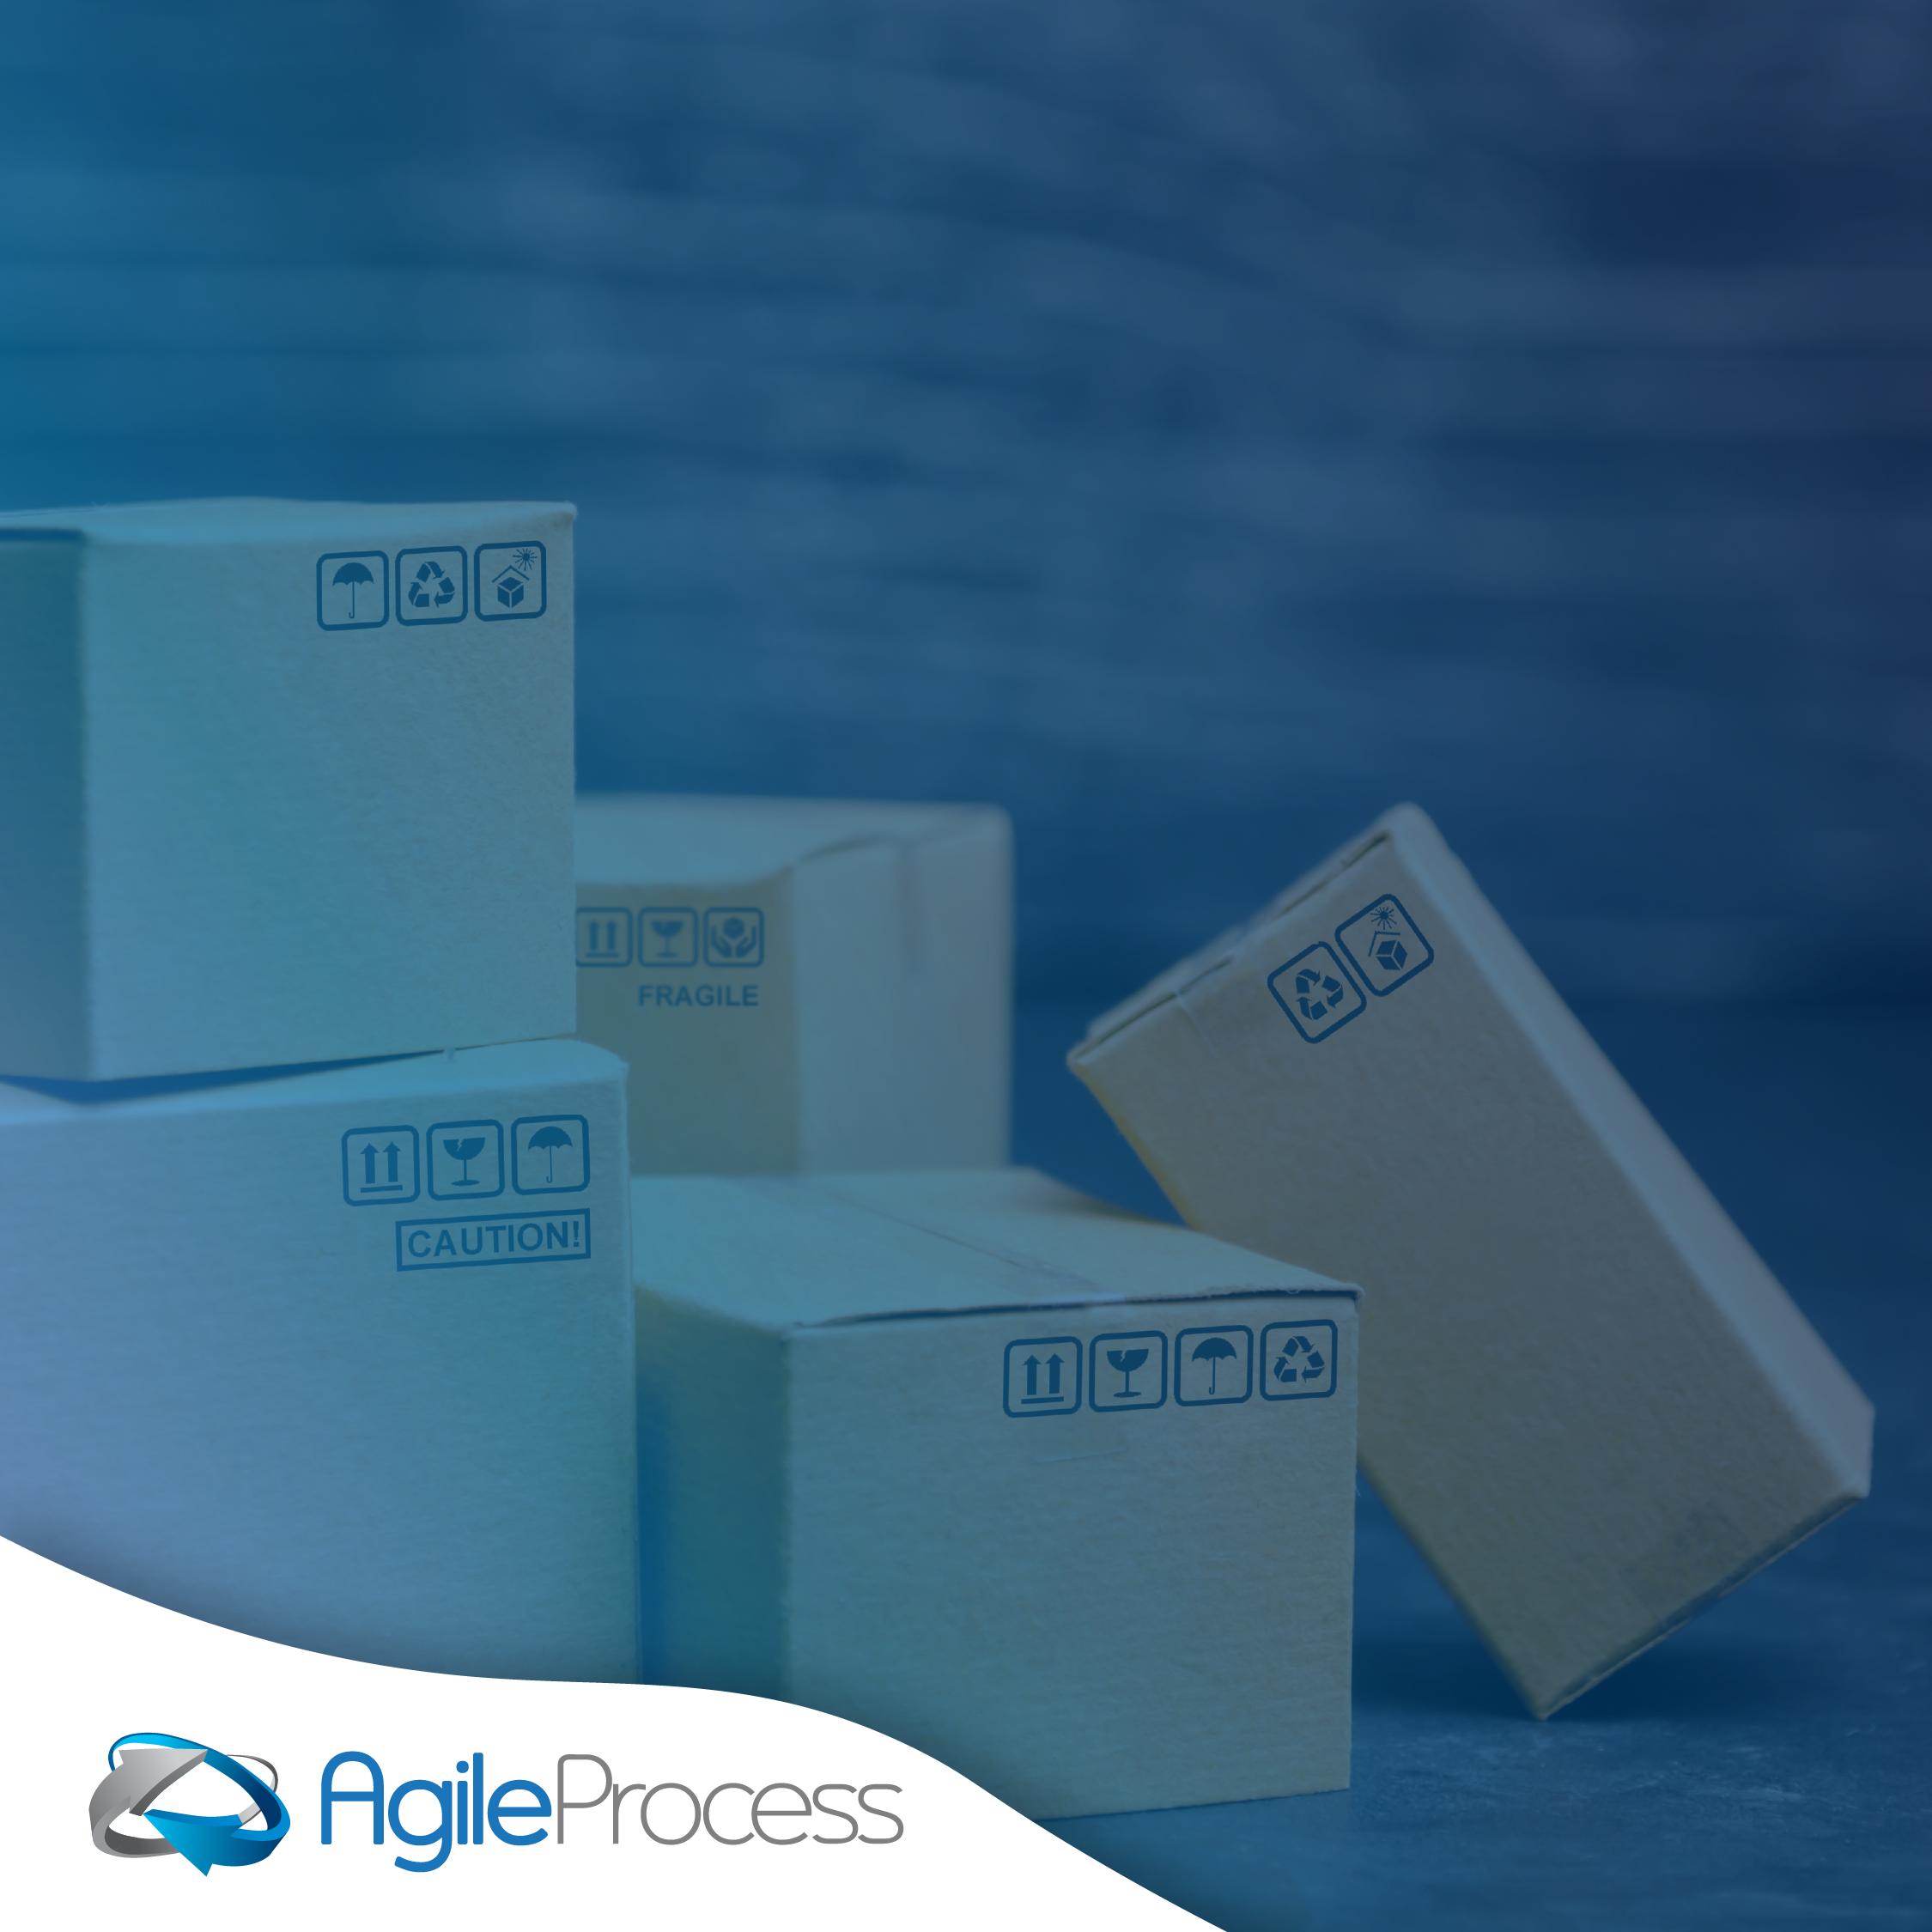 desafios logísticos para distribuidores - agileprocess